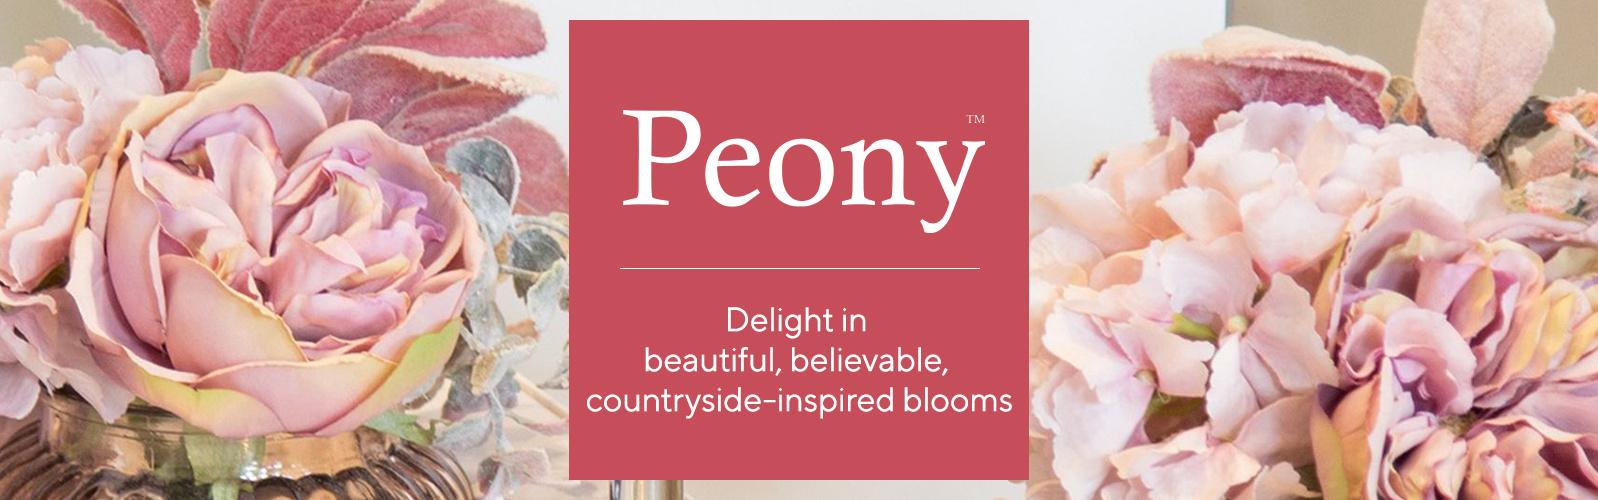 e6f476fd7e Peony. Delight in beautiful